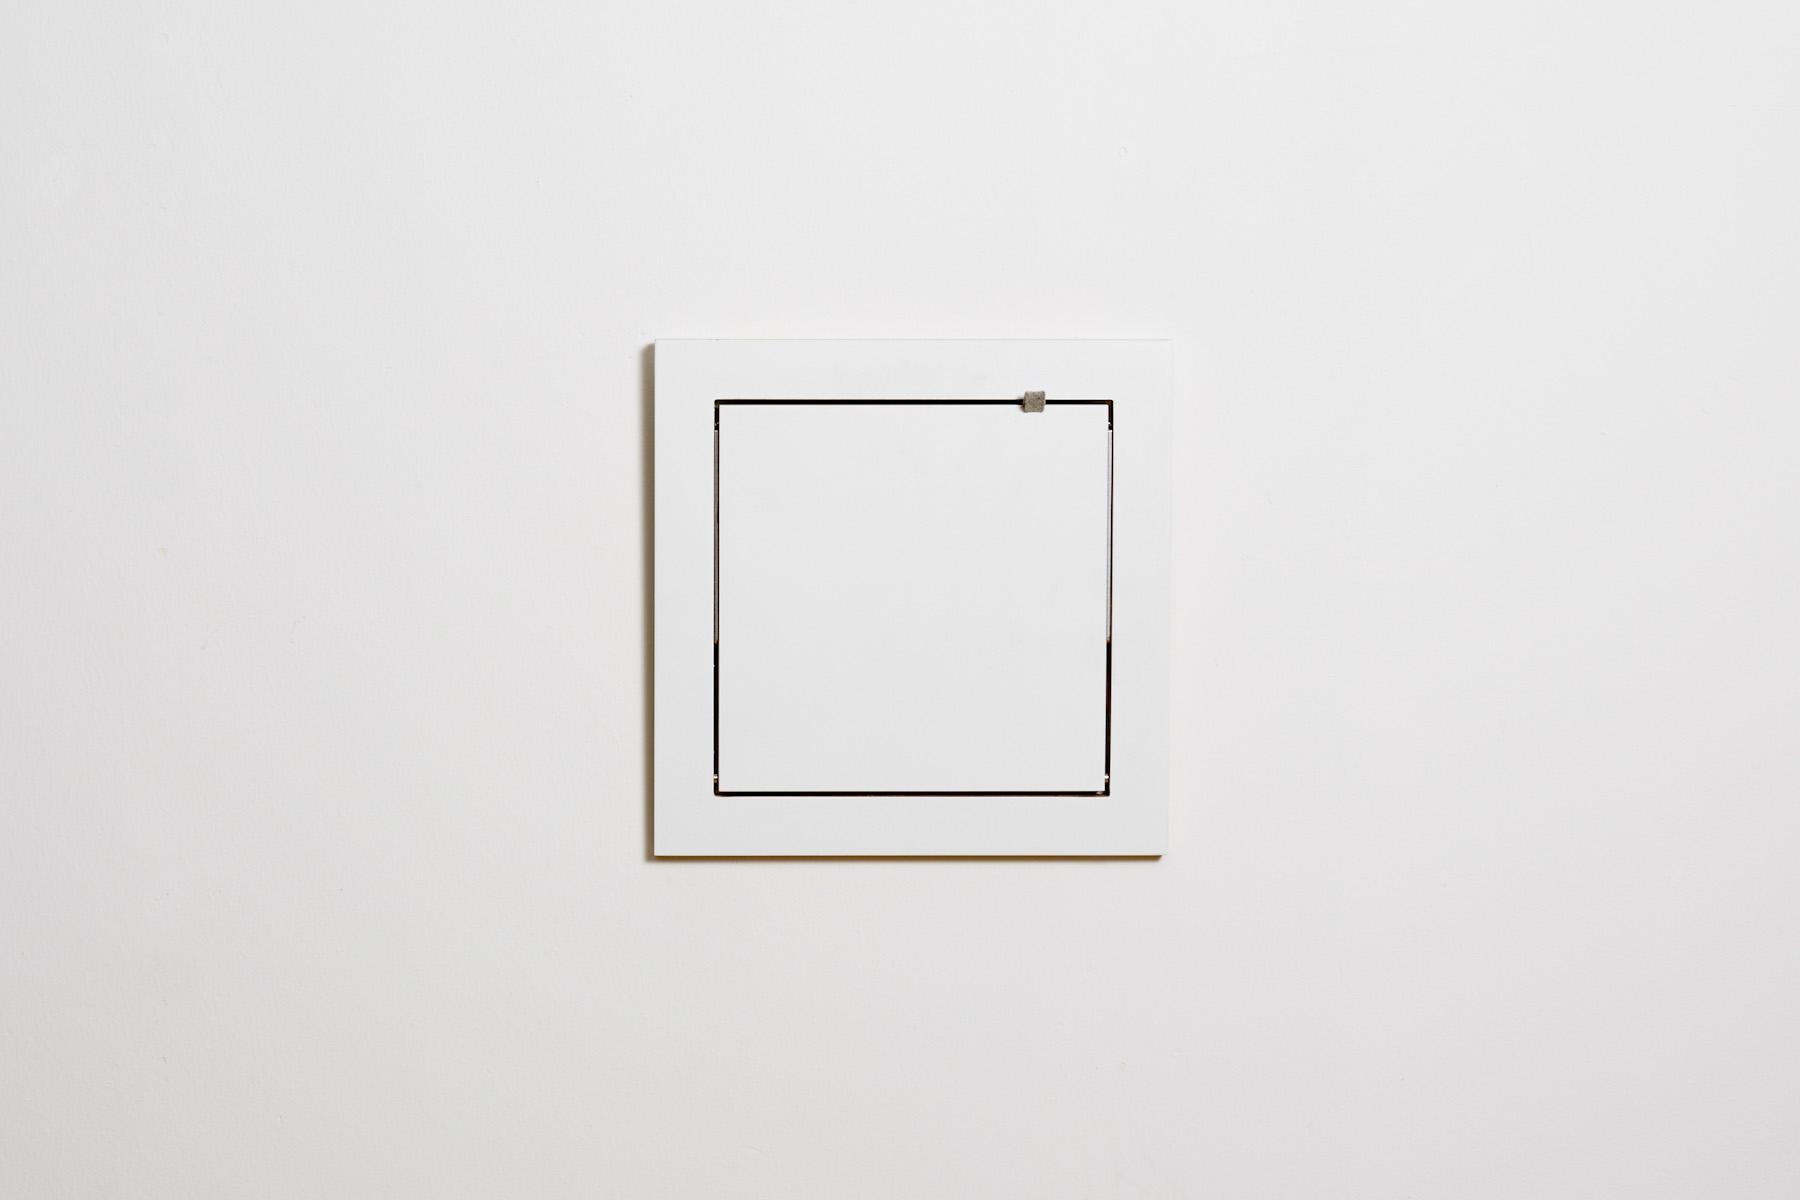 Ambivalenz-Hylde-Kvadratisk-40x40x1-1